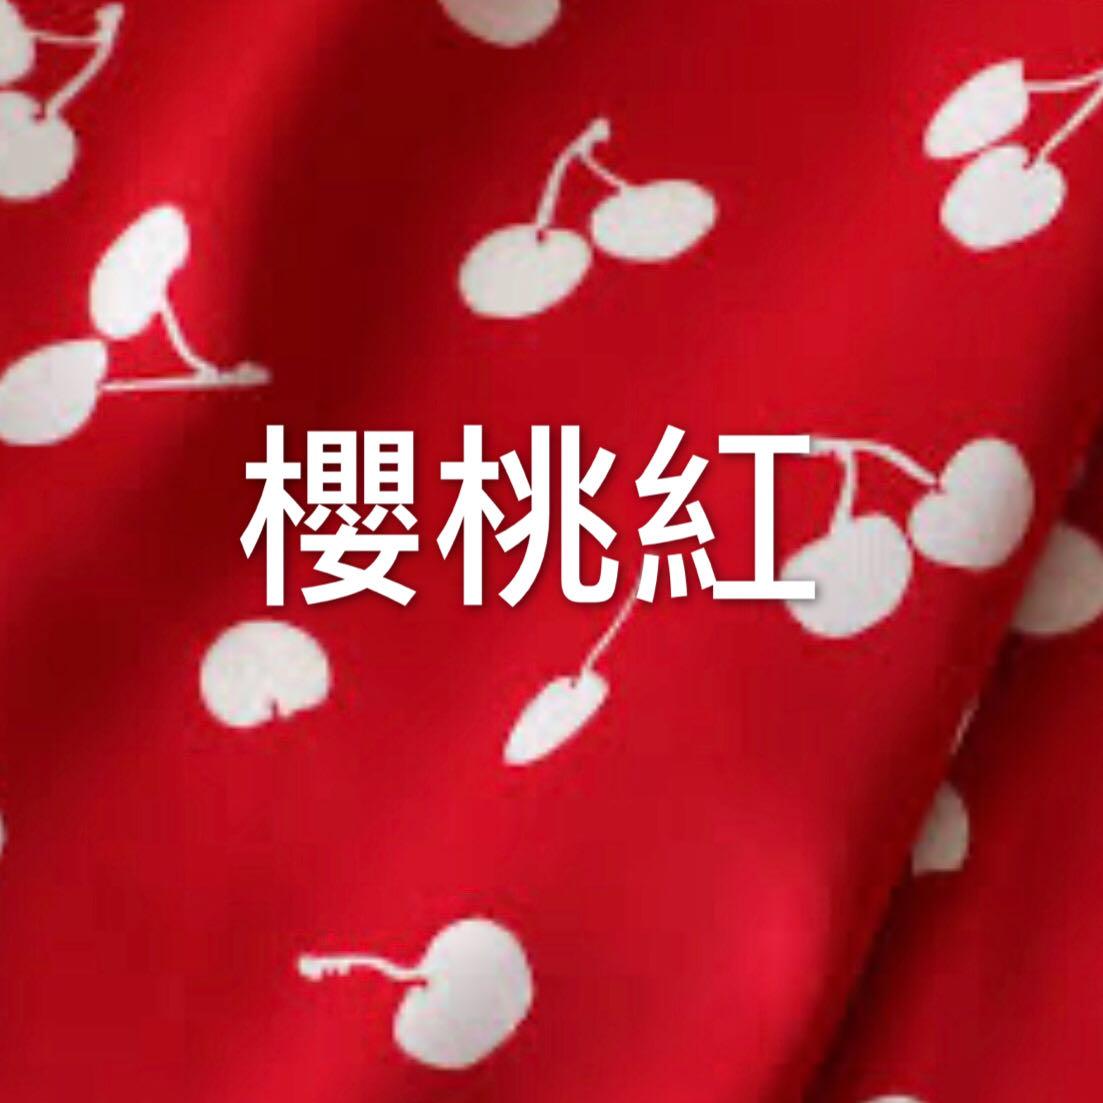 櫻桃紅盒裝全新封膜//現貨中衛生注意⚠️//口罩收納套//布料色卡